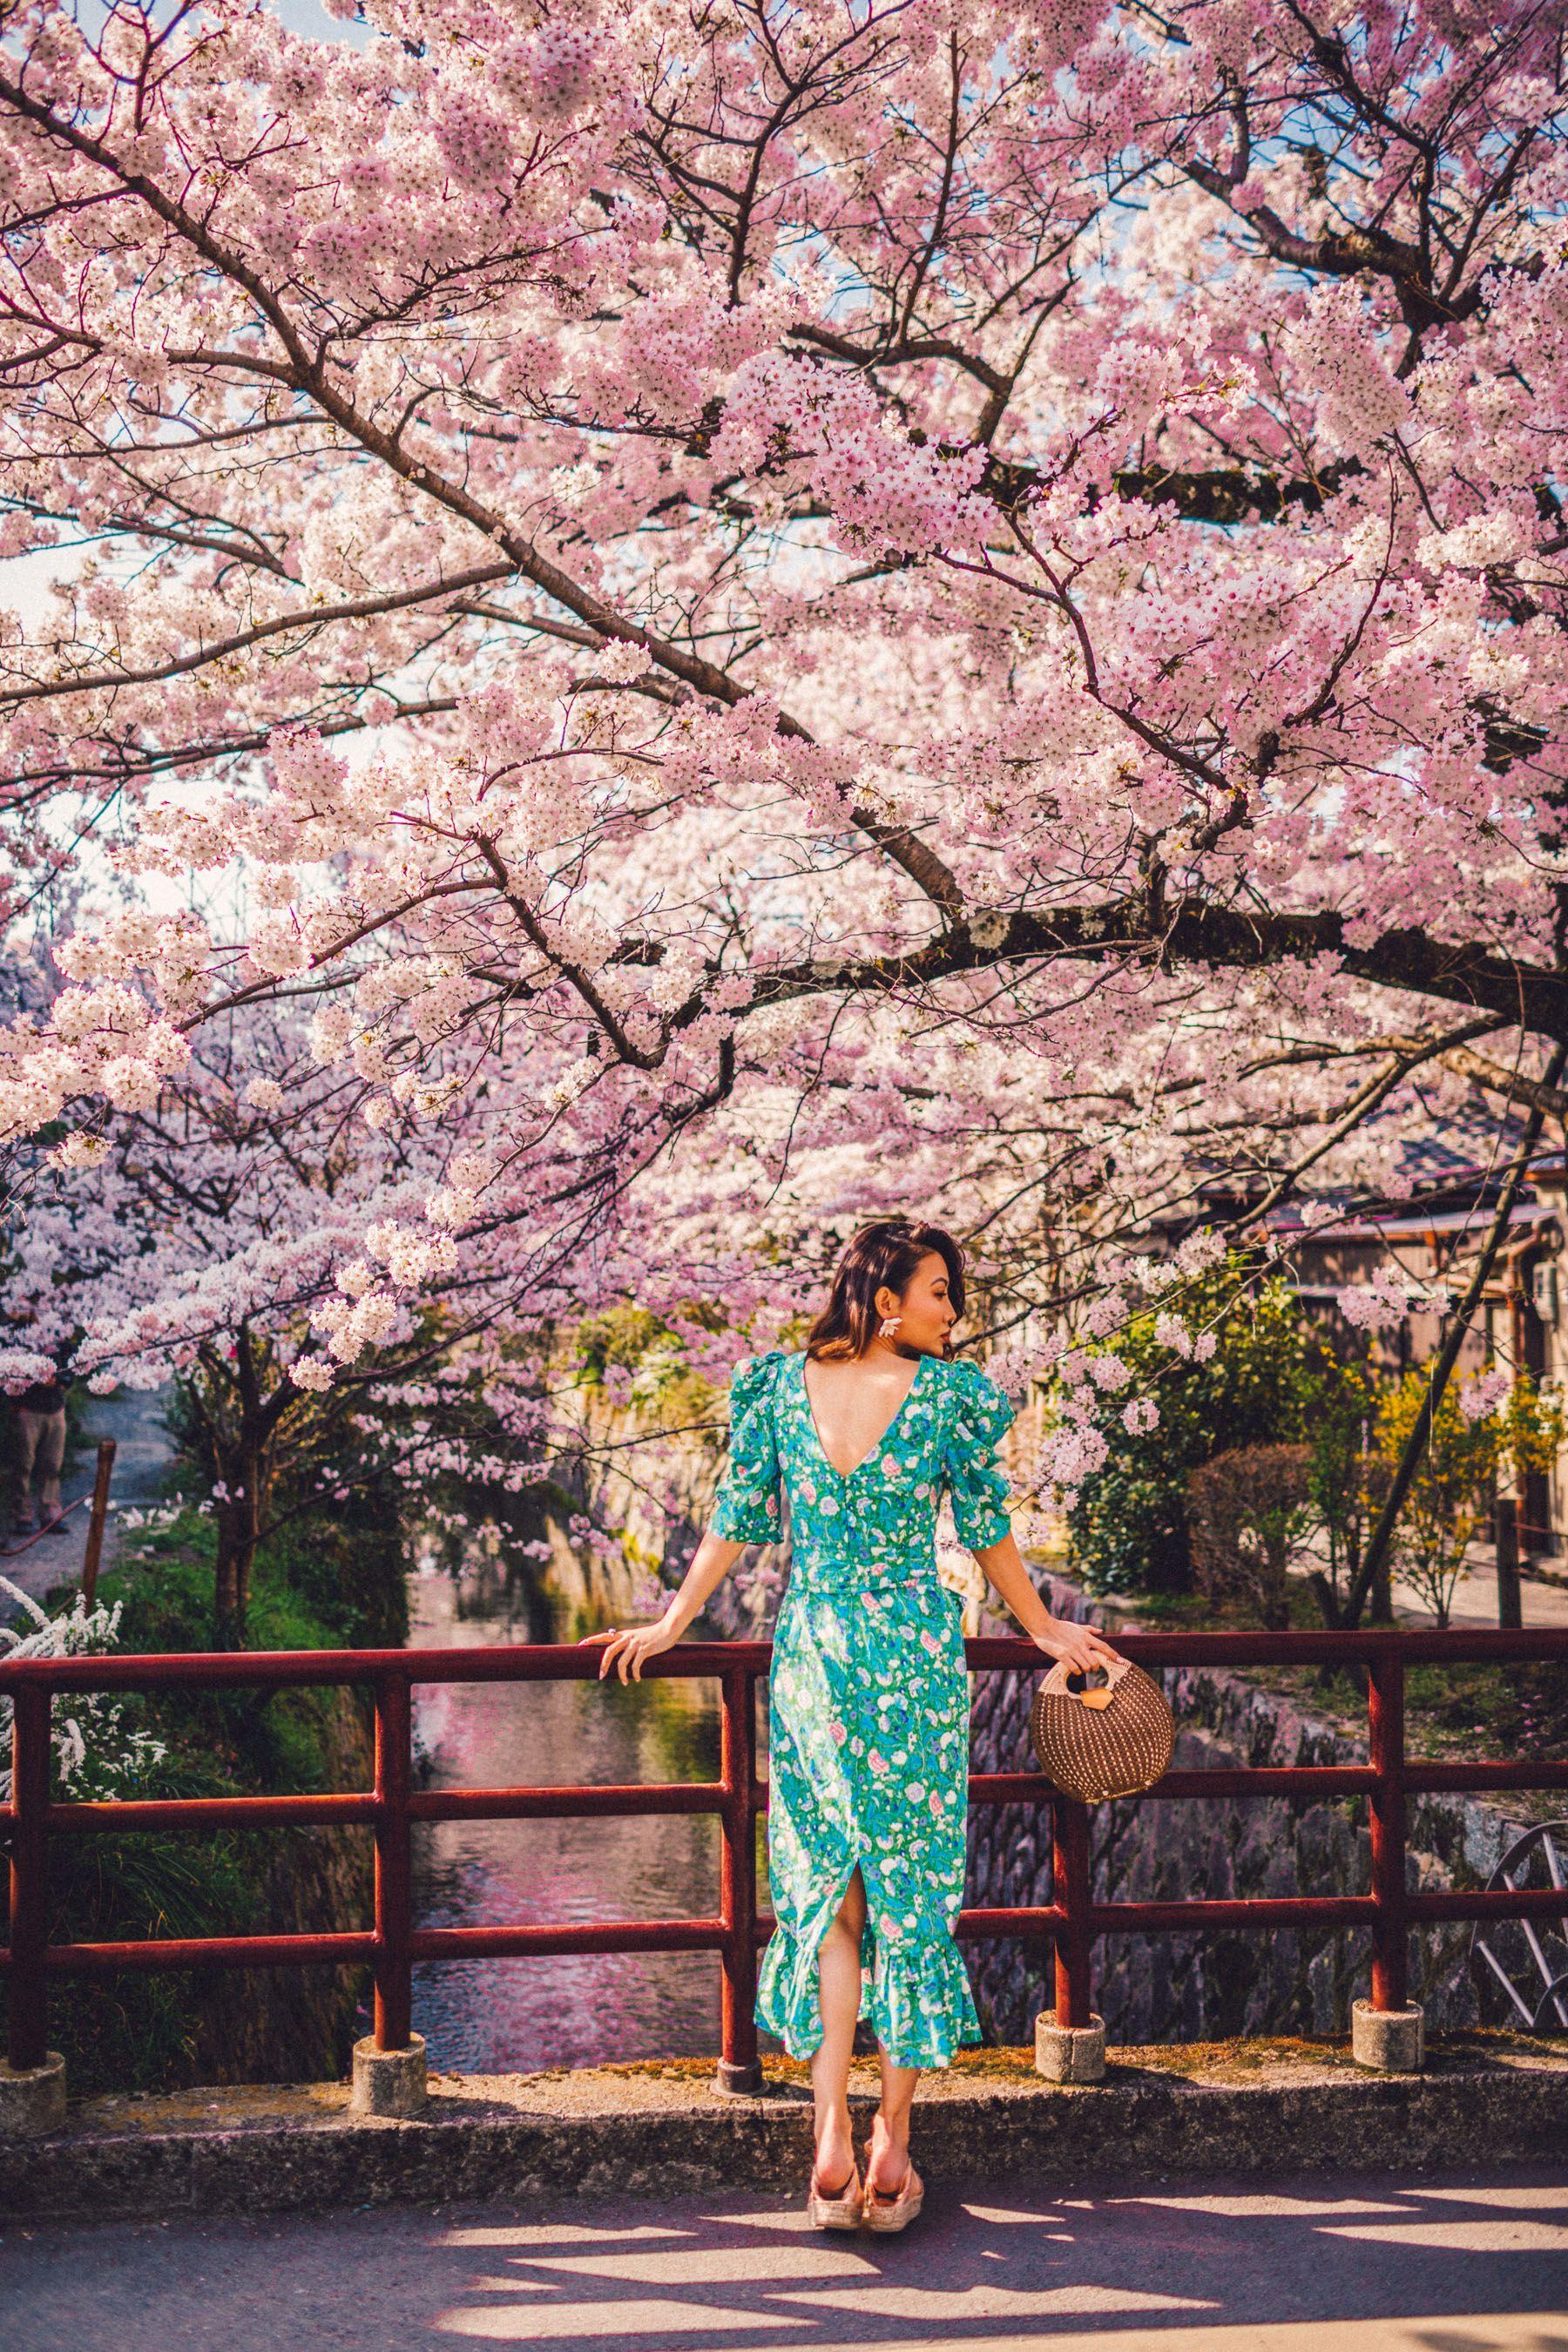 Instagrammable Spots In Japan 7 Gorgeous Spots For Cherry Blossoms In Japan Cherry Blossom Japan Spring Outfits Japan Cherry Blossom Outfit